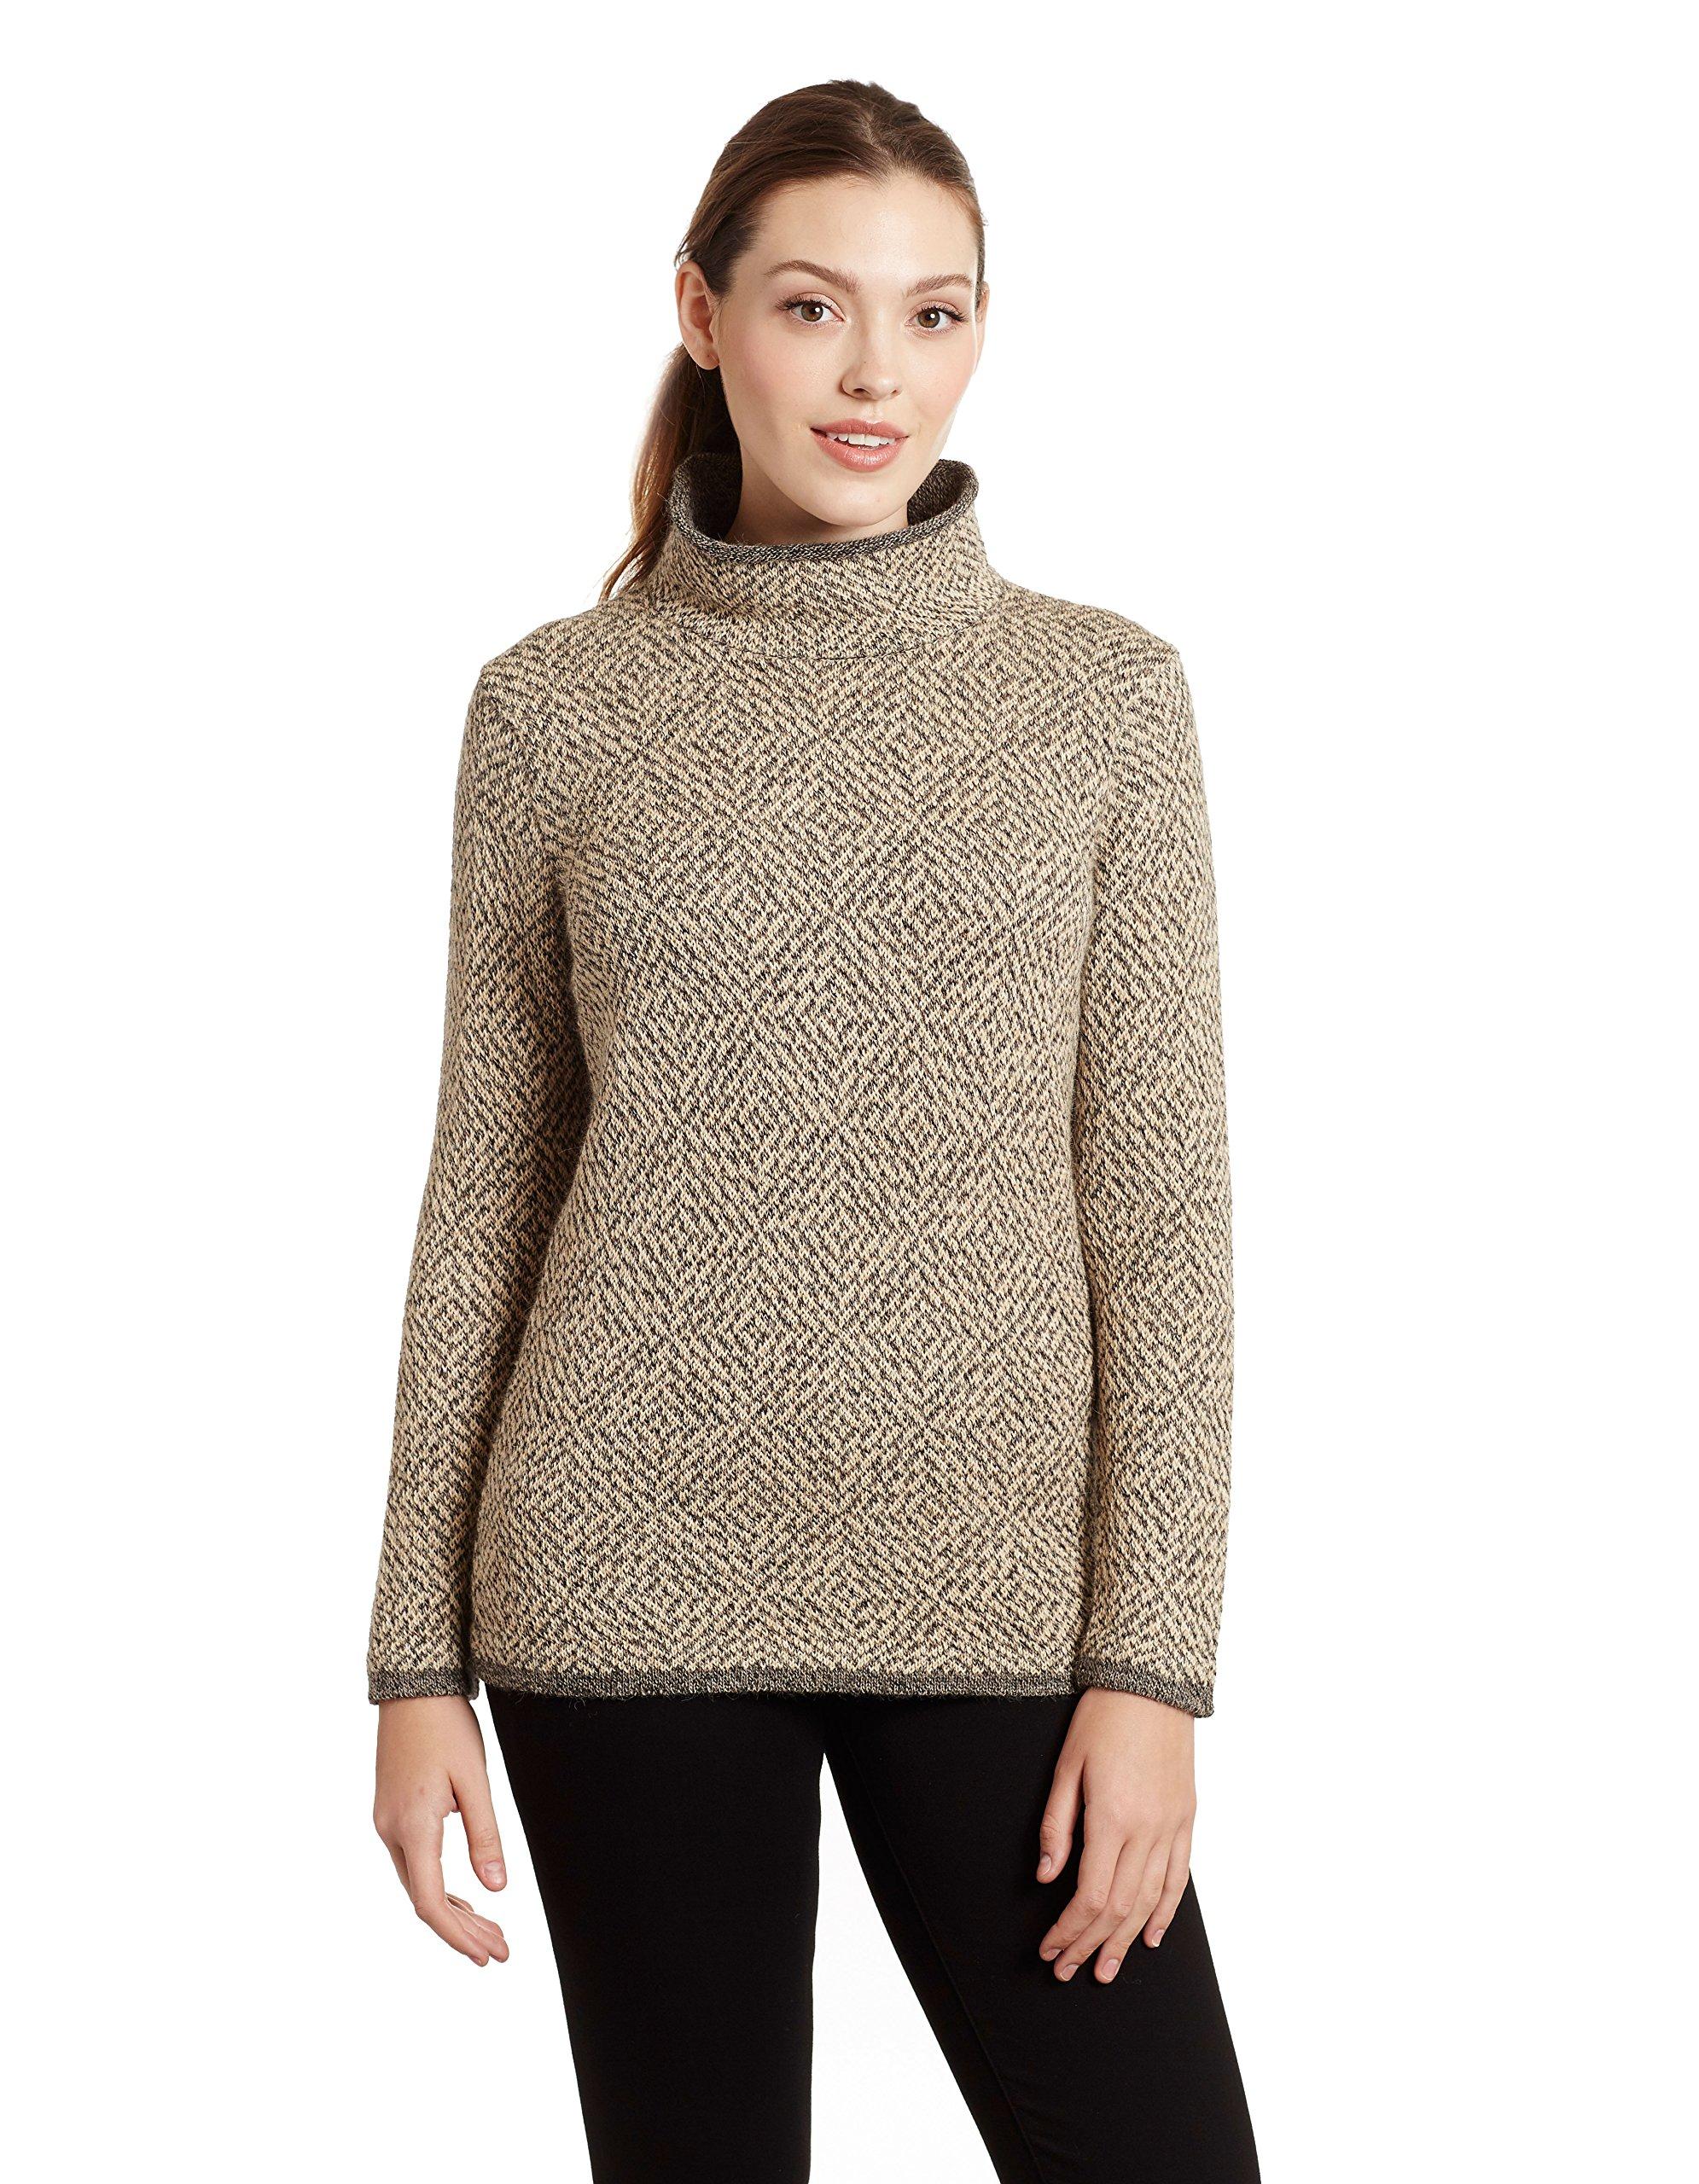 Invisible World Women's 100% Pure Alpaca Pullover Sweater Asti LG